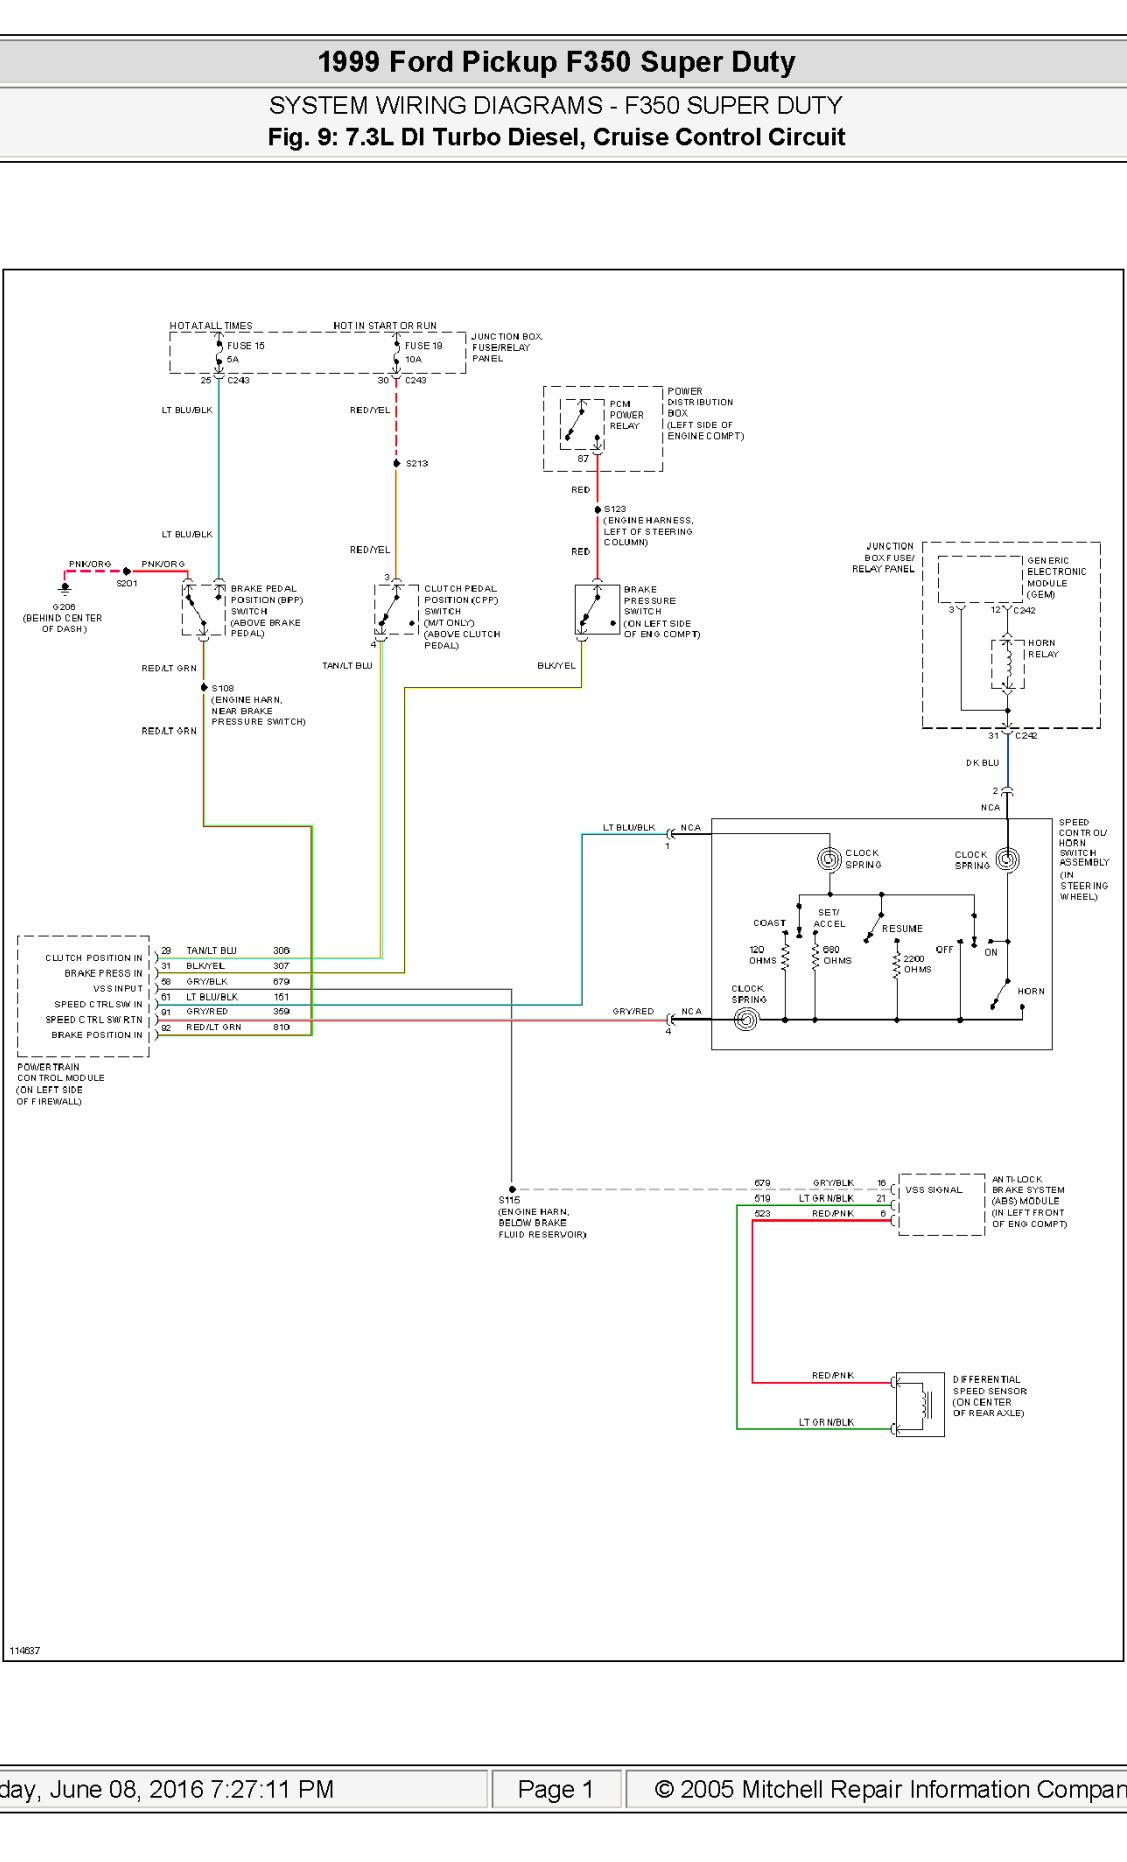 ceea3f79-7f22-421f-8119-2f3c699275d7_1999 Ford F350 7.3L Cruise Control diagram.jpg